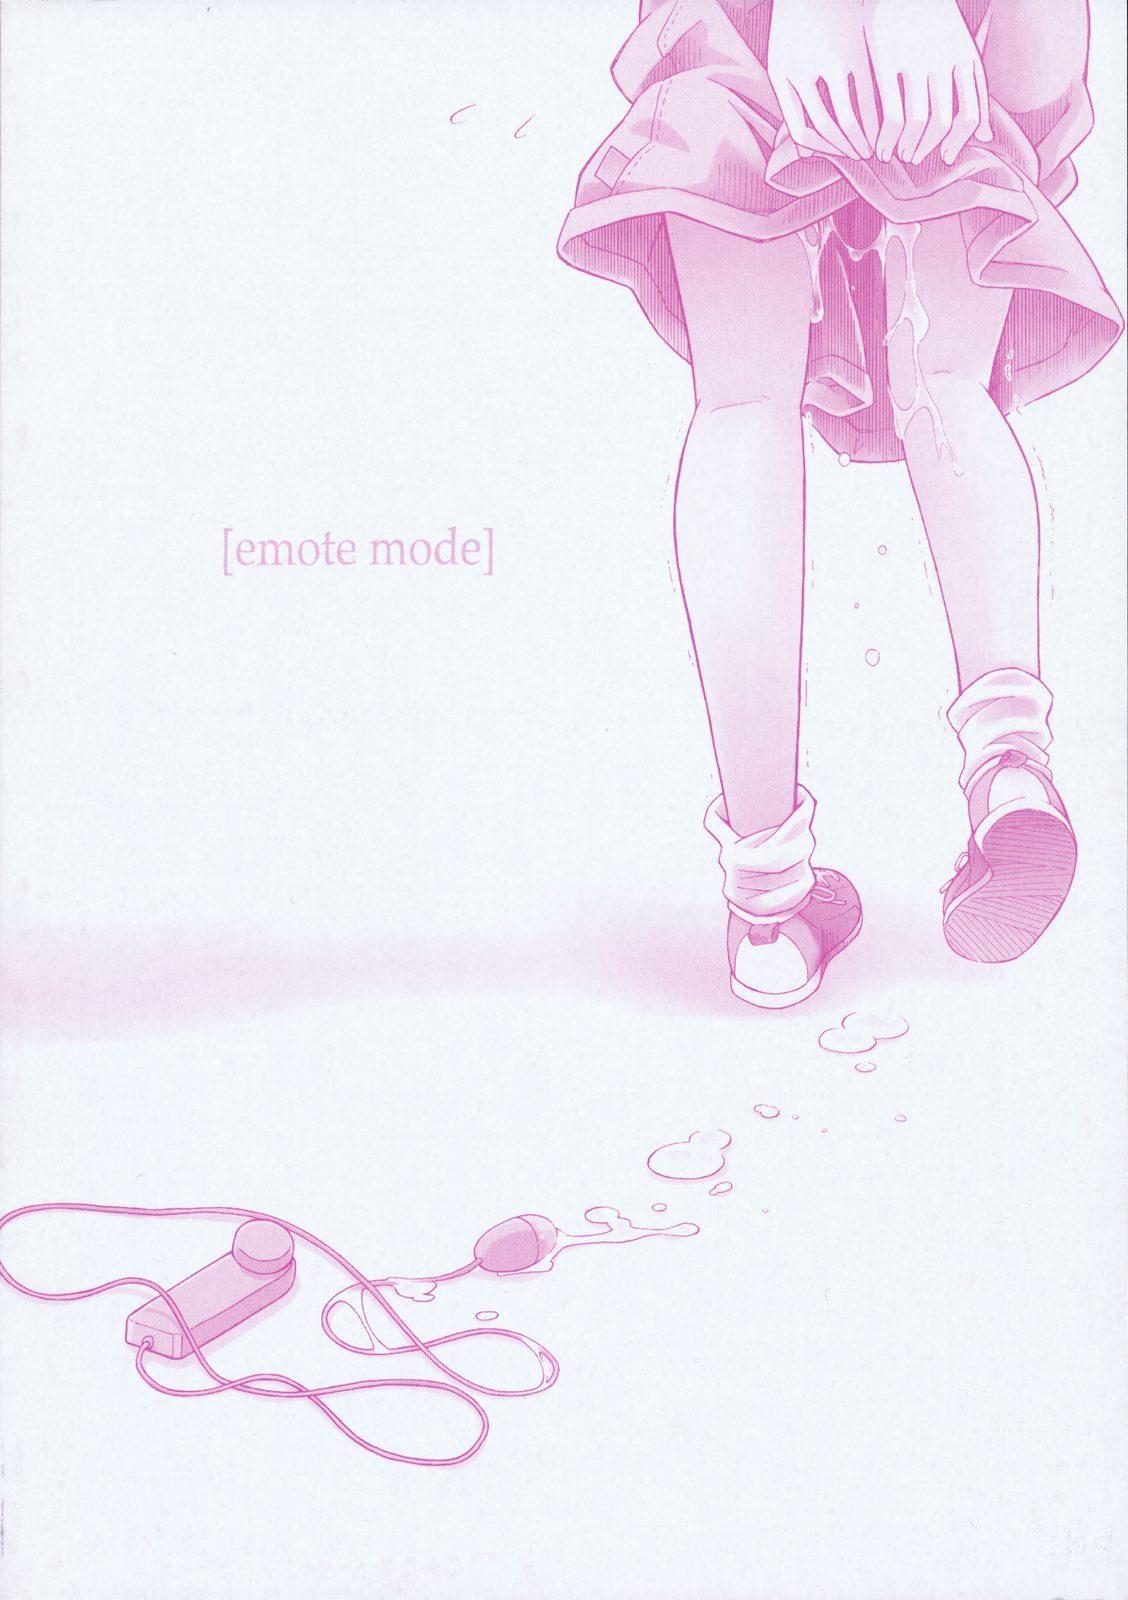 [kiR-Rin] Narcissus Chapter 3 (English) - a.k.a. Imouto / Emote Mode : Suisen no Hana no Numa no Fuchi (sensualaoi) 31